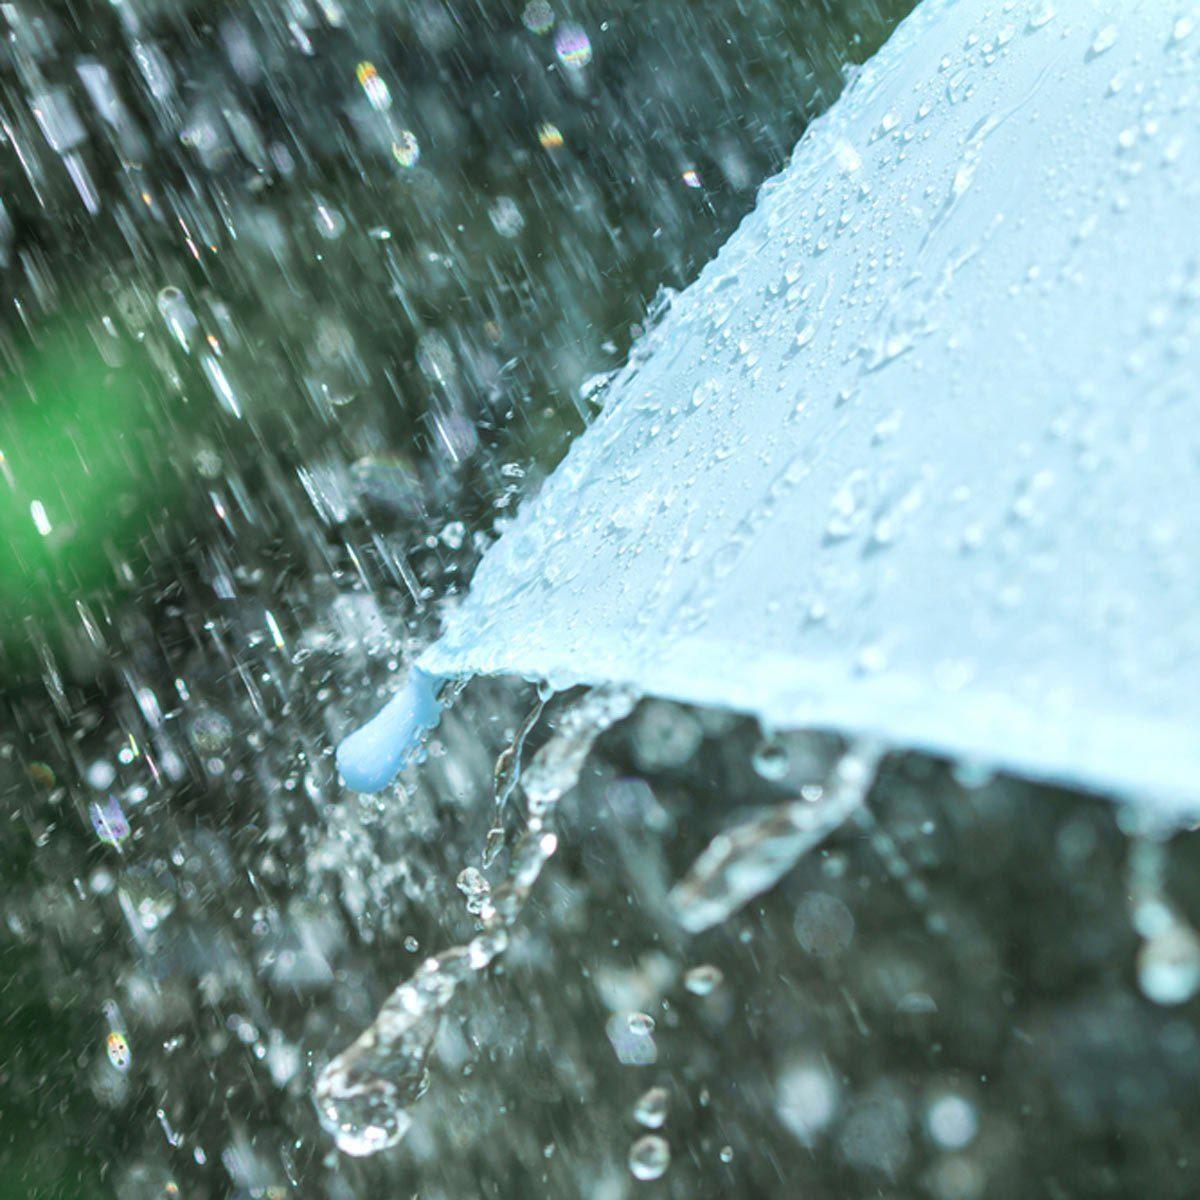 Les cambrioleurs ne s'arrête pas à cause de la pluie.